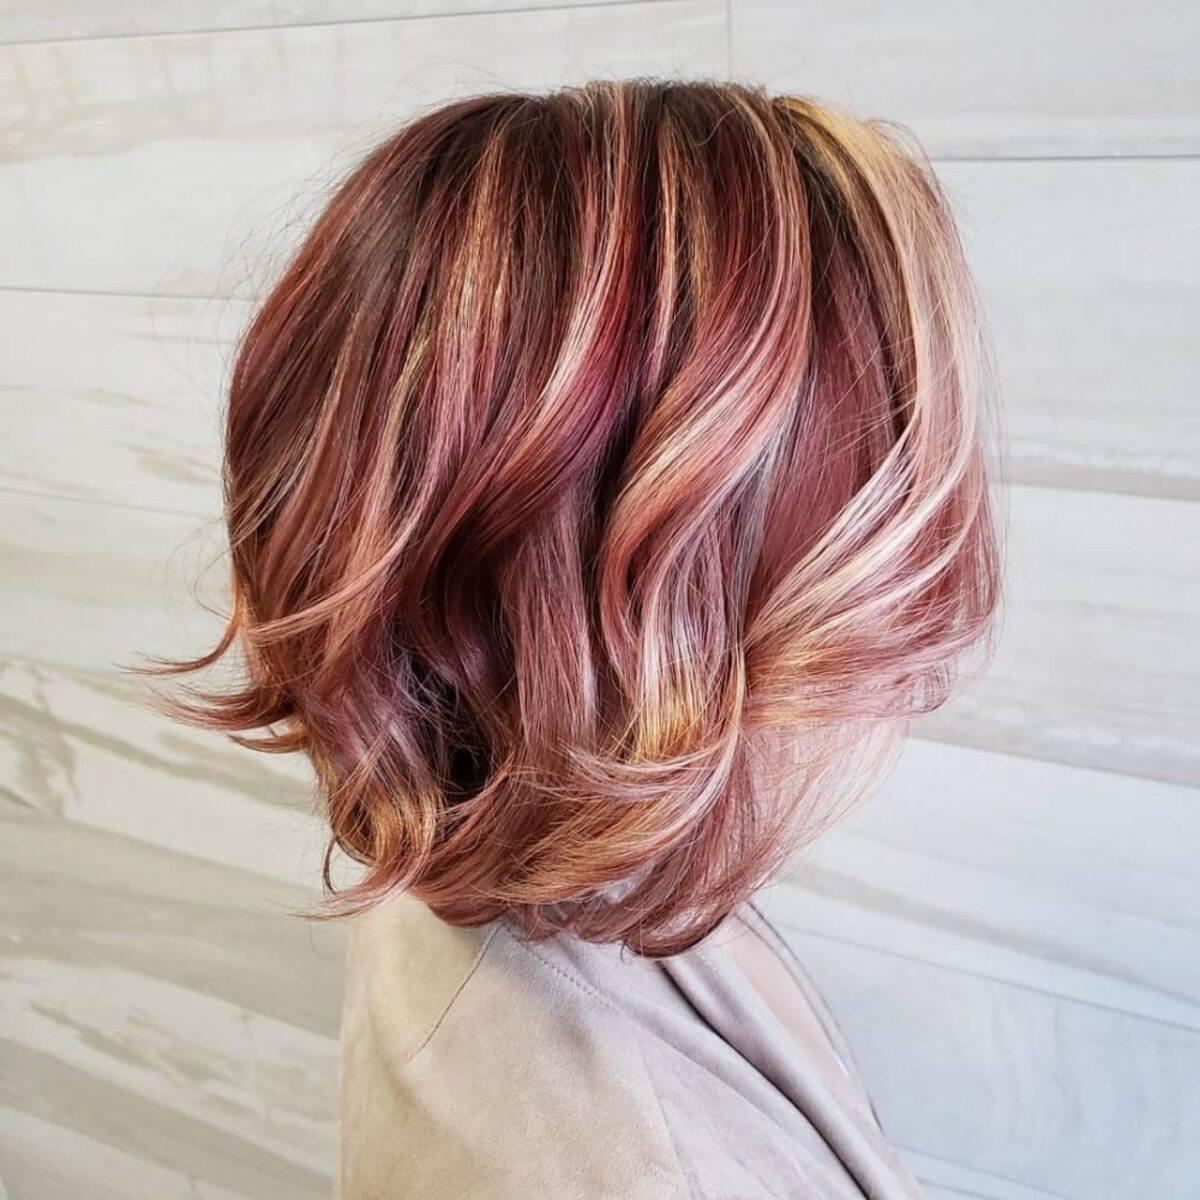 cheveux roux avec des reflets blonds clairs